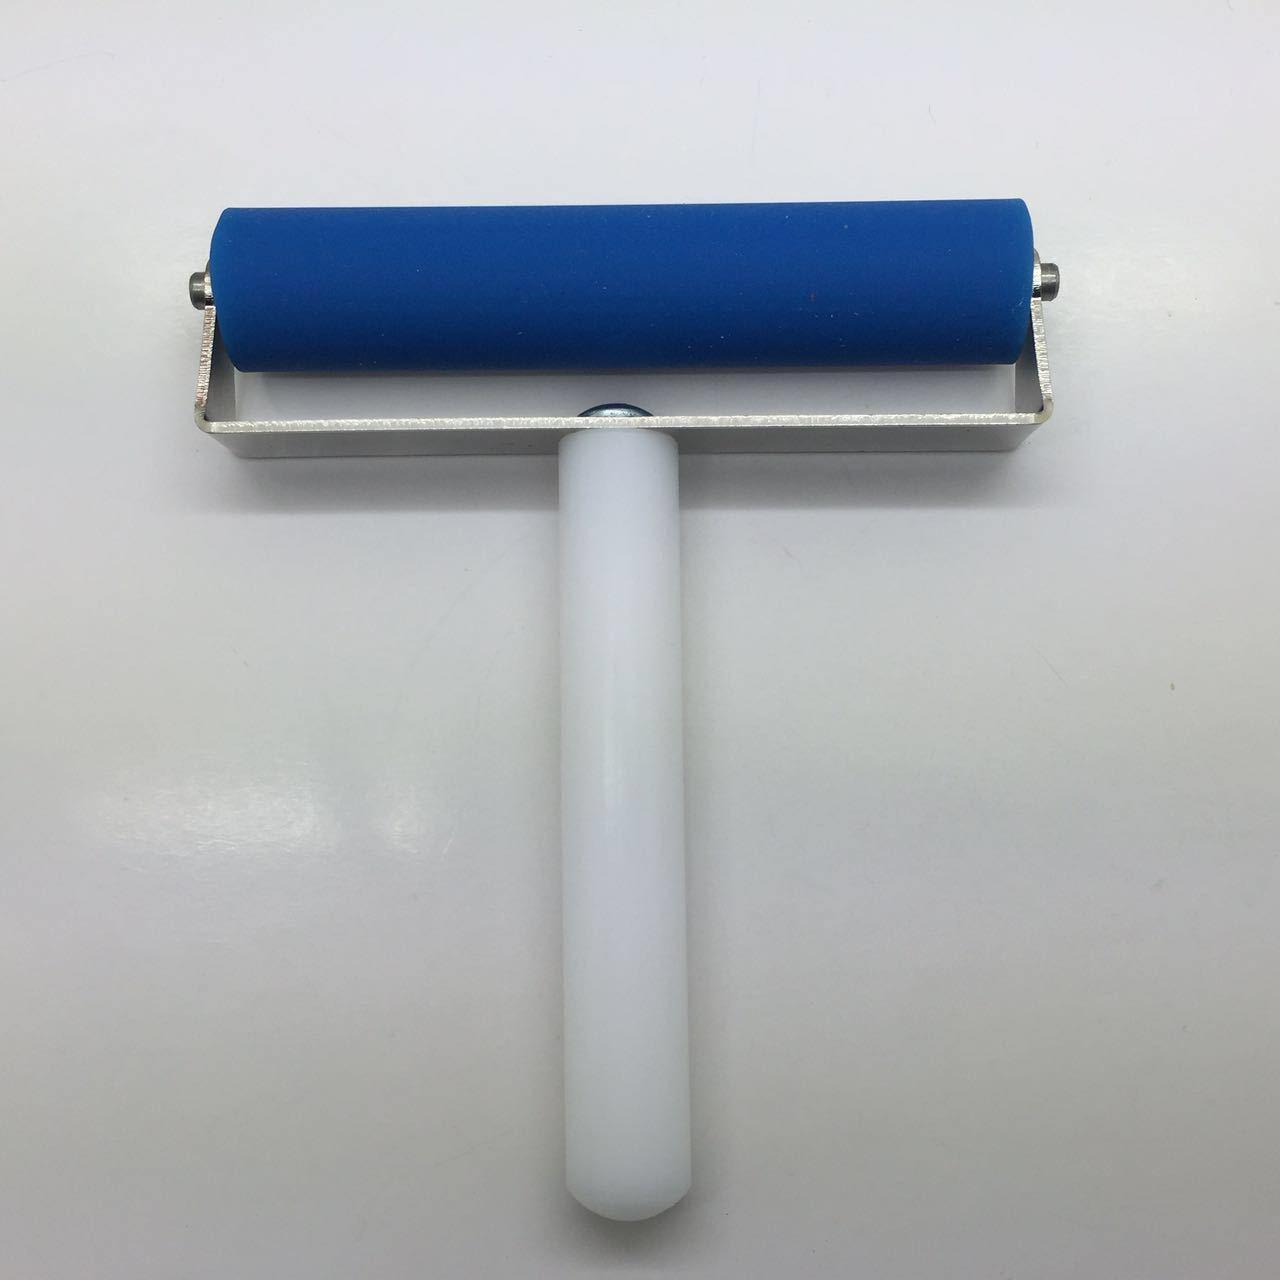 不锈钢蓝色推轮蓝色滚轮平板贴膜推轮贴膜神器手机贴膜推轮